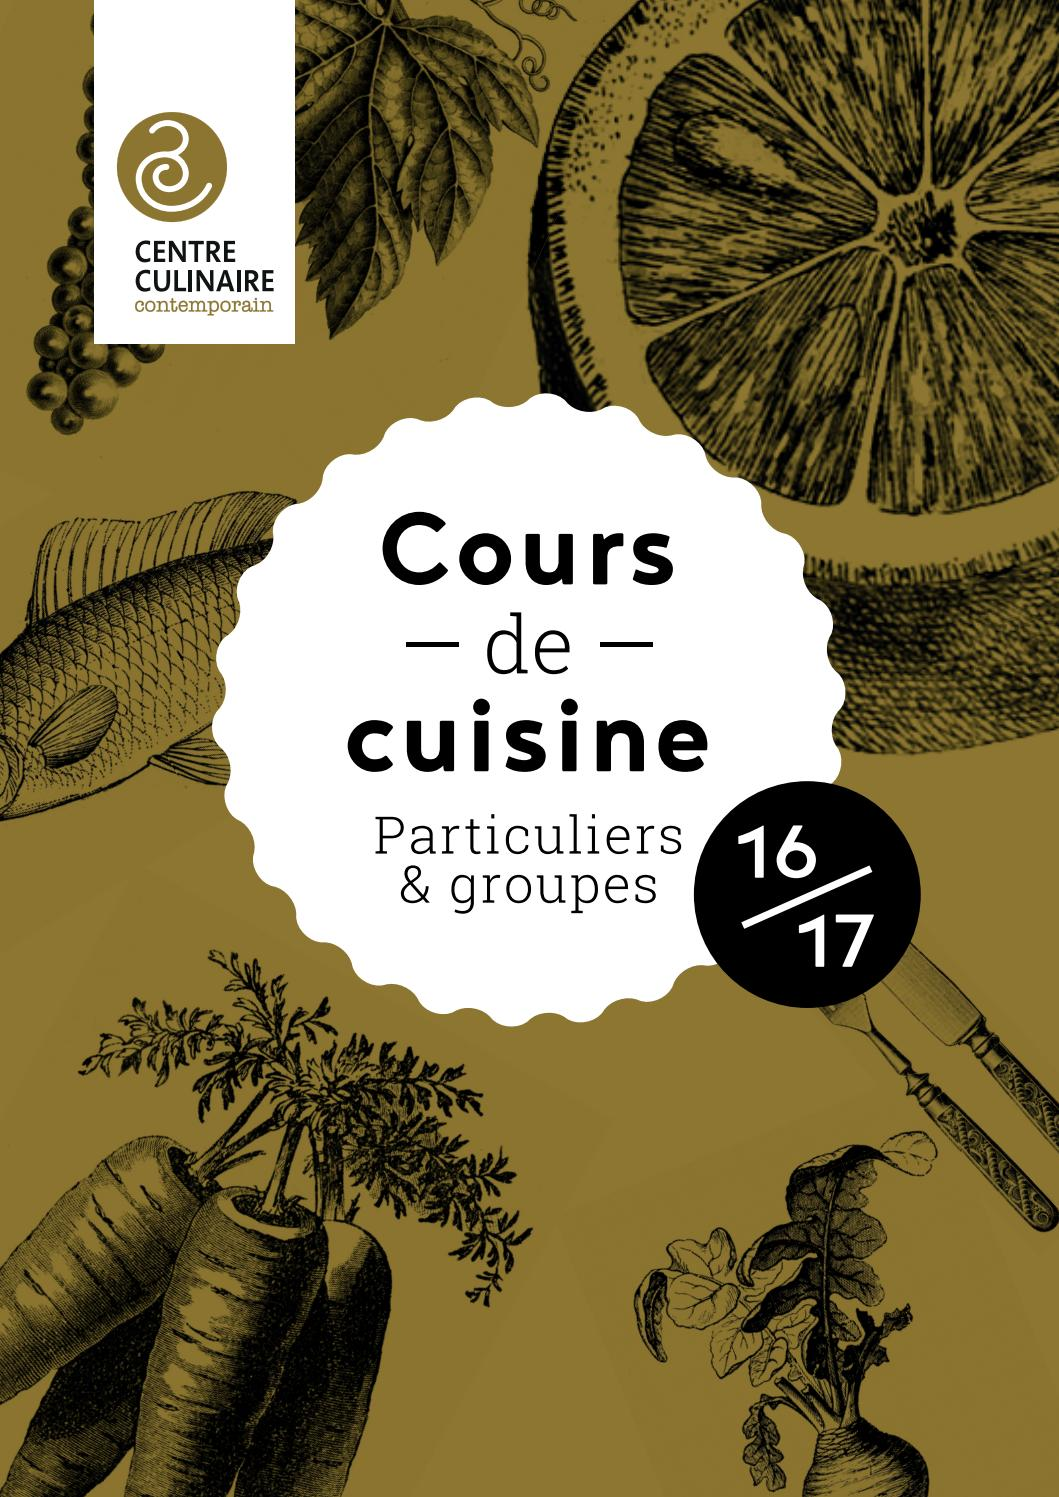 Cours de cuisine programme 2016 2017 by centre culinaire - Cours de cuisine particulier ...